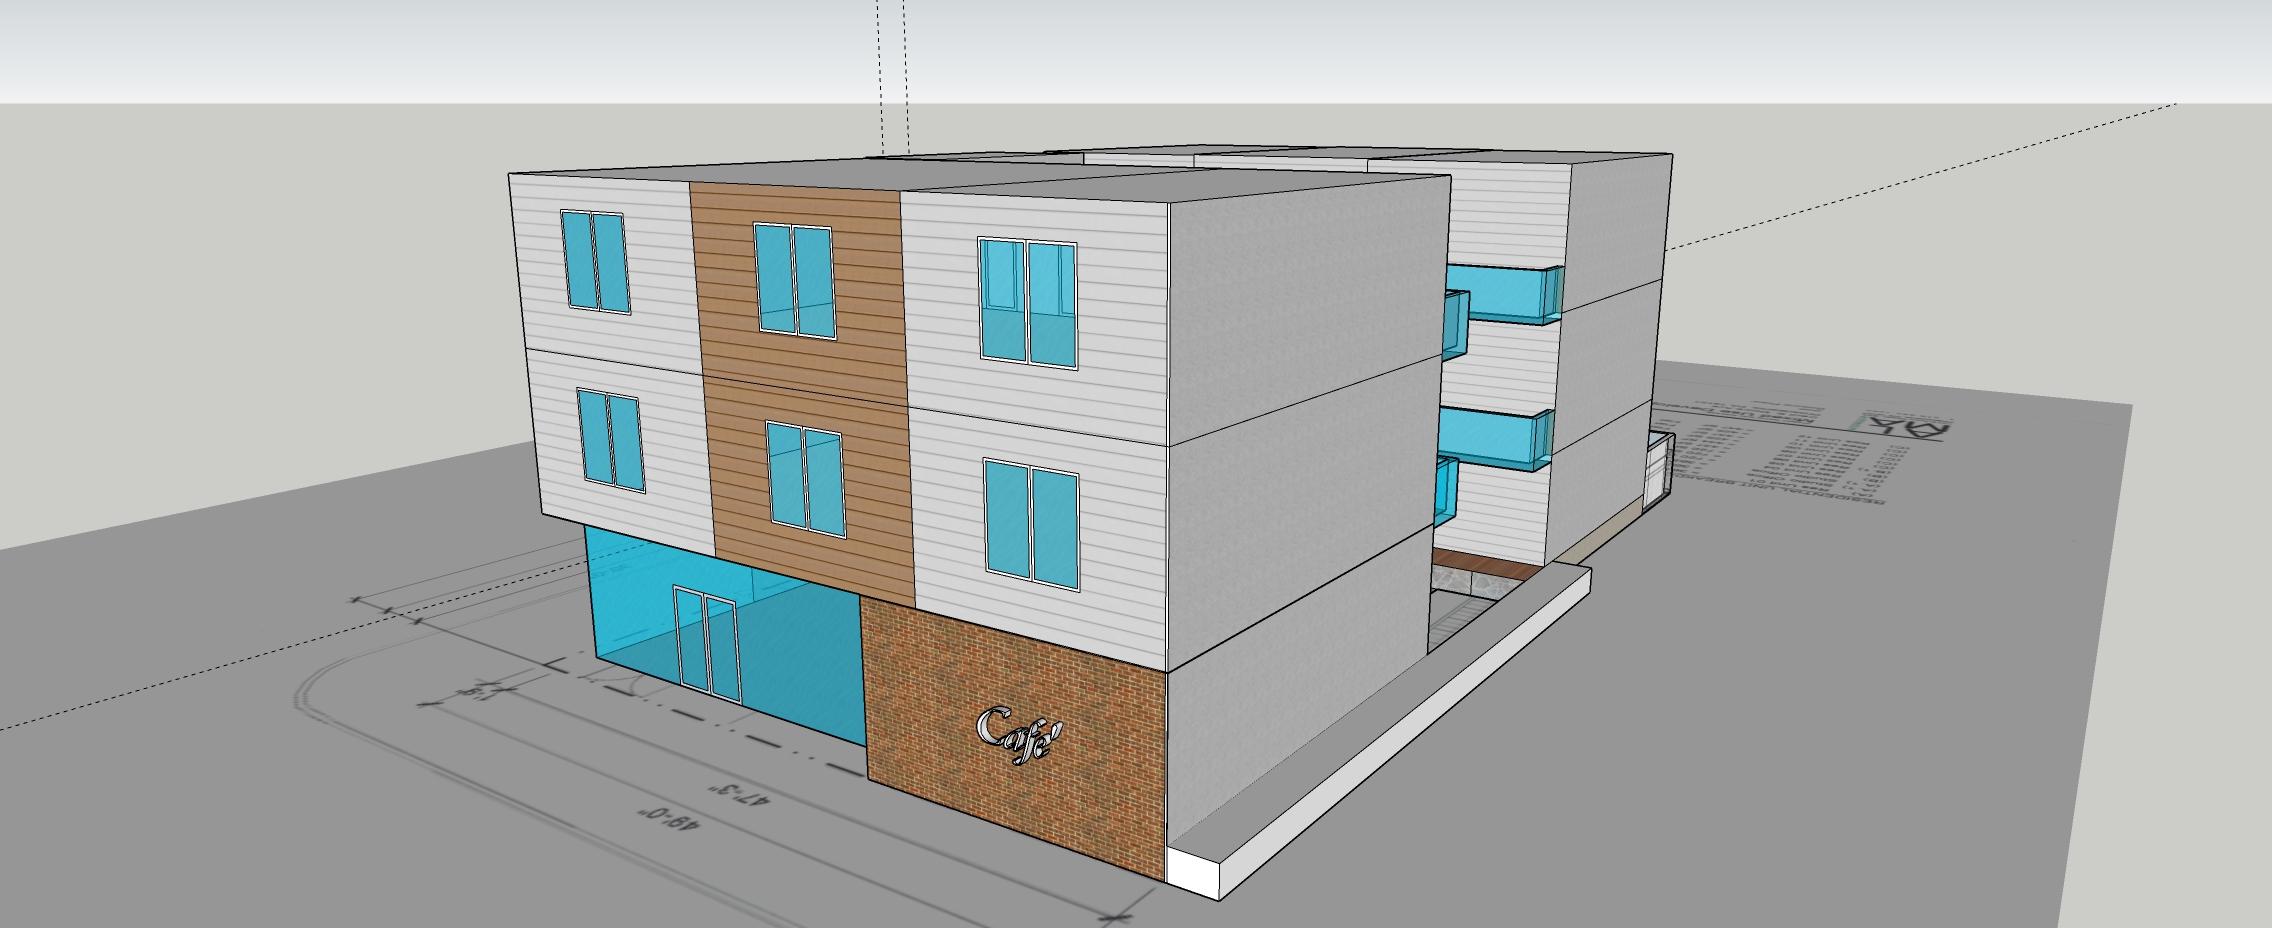 18th street rendering NWV.JPG